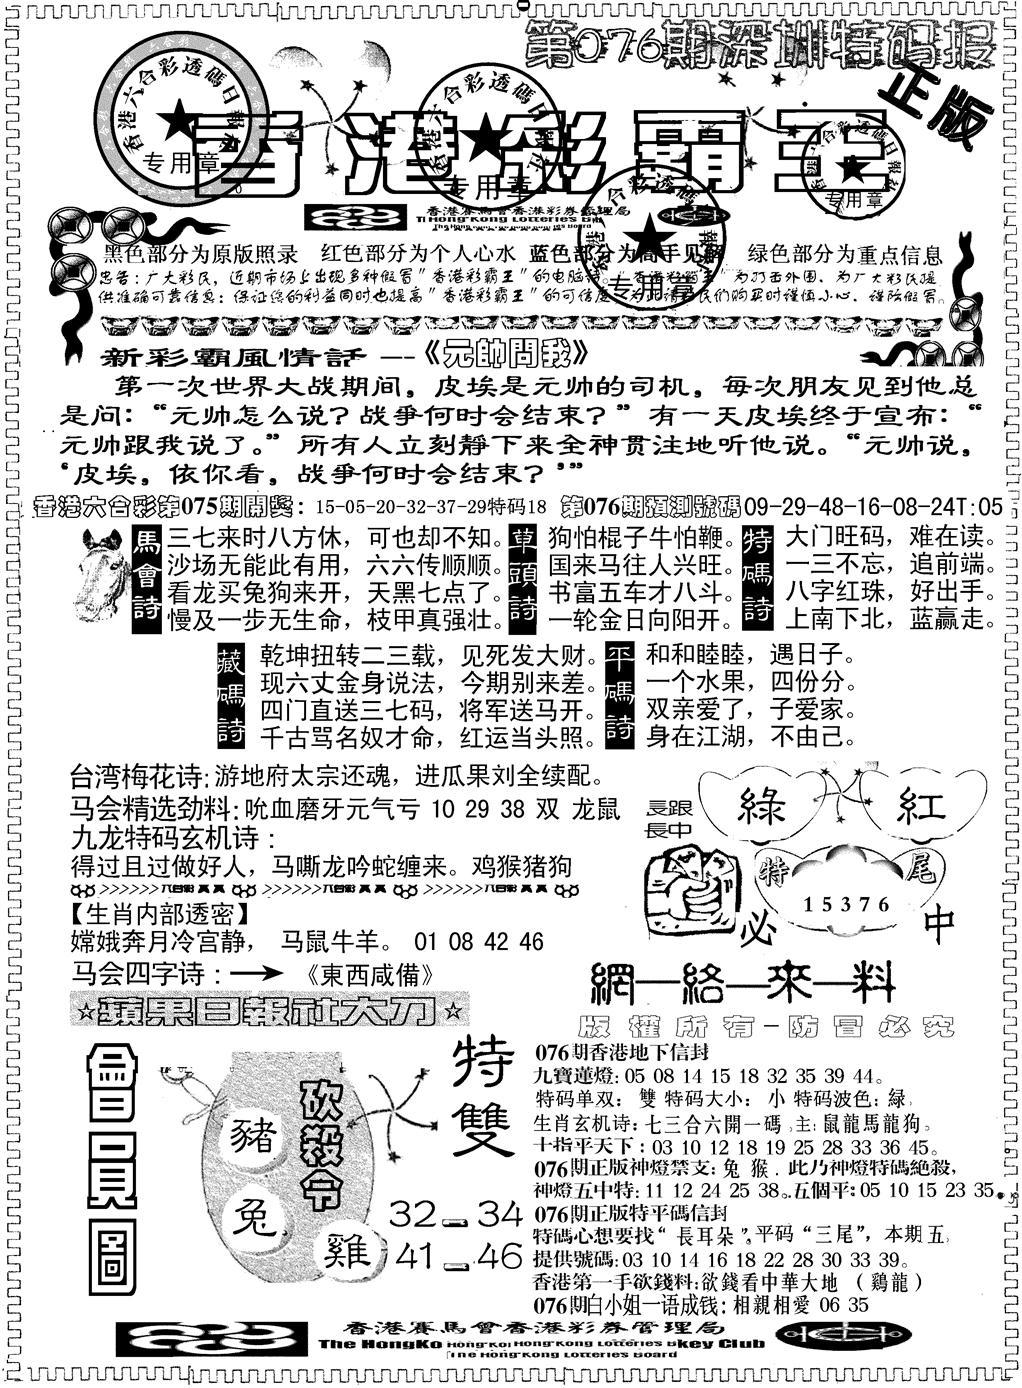 076期另版新版彩霸王A(黑白)